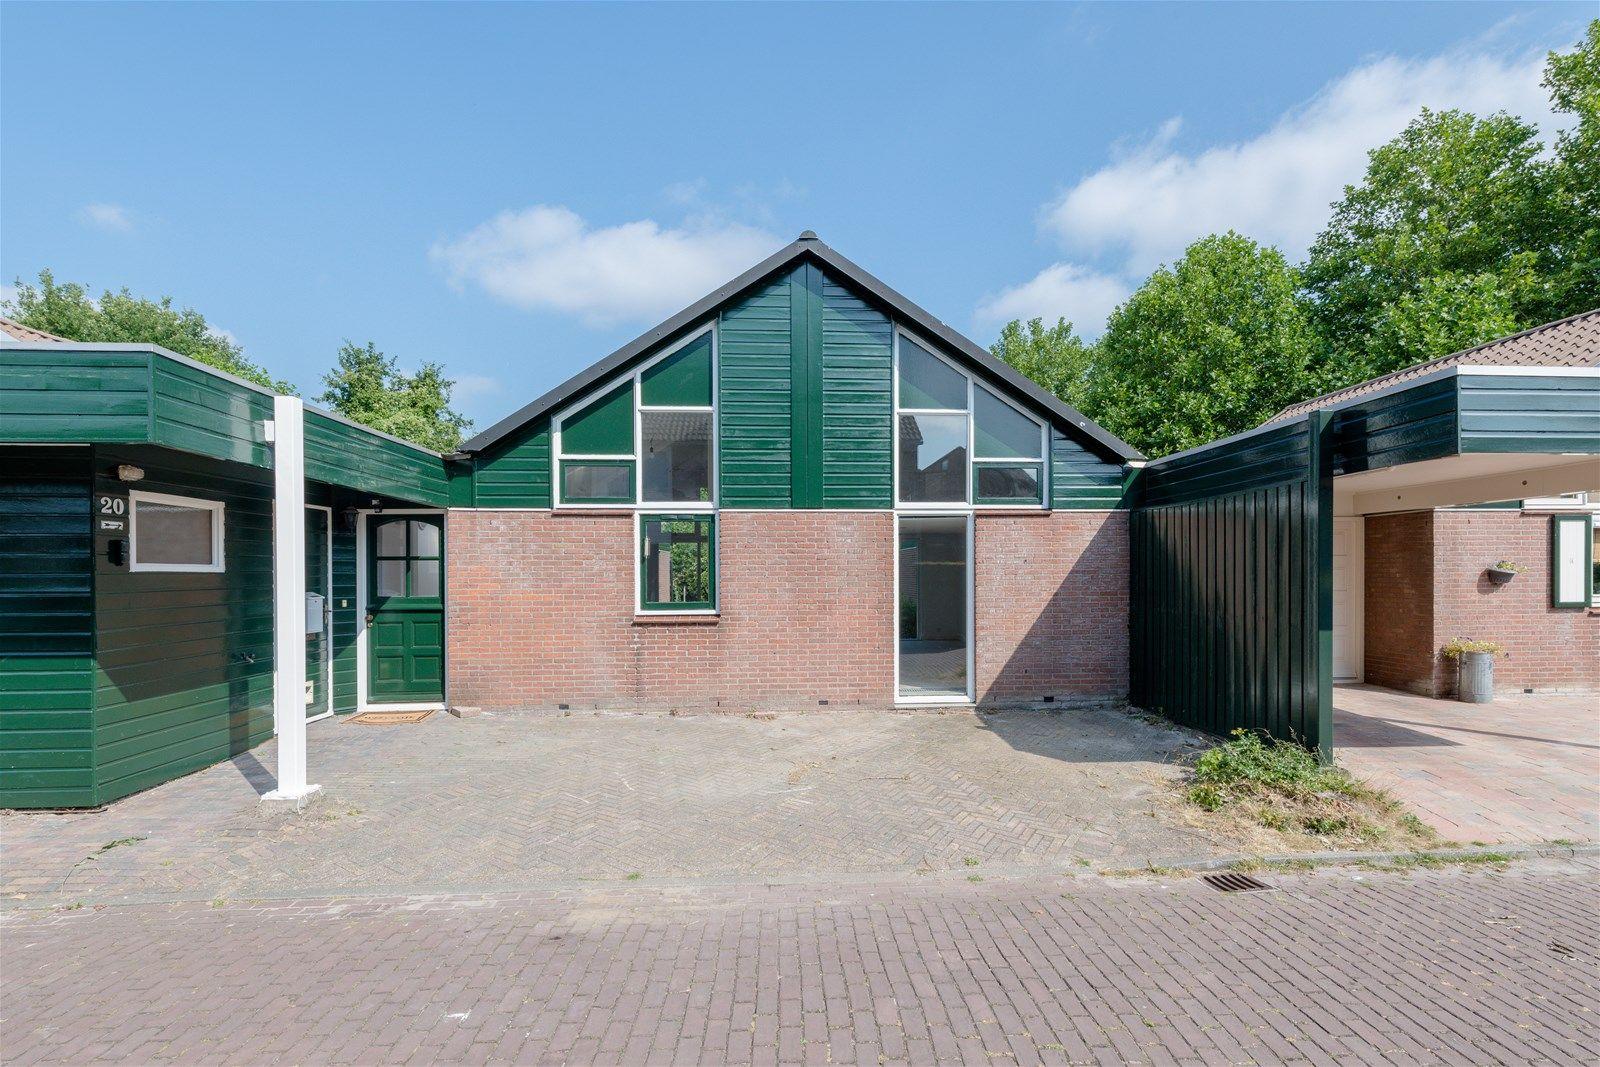 Brugmark 20, Almere